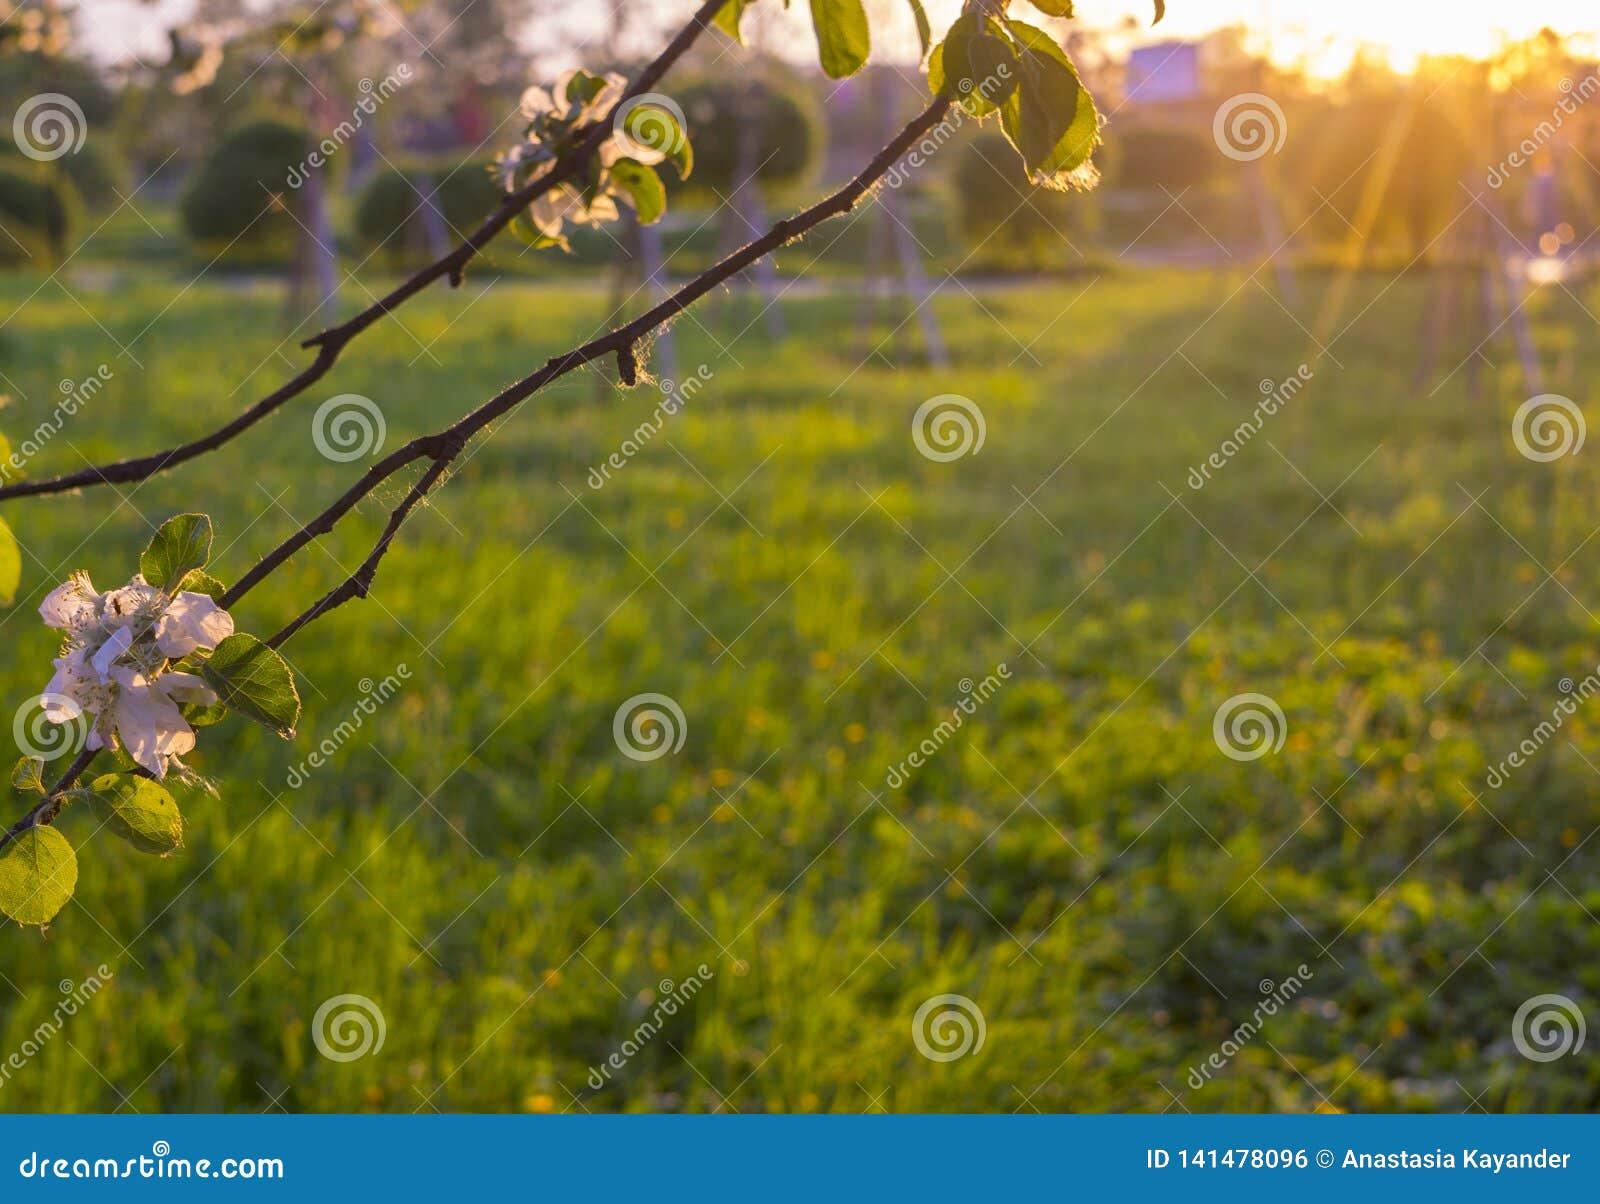 Πράσινο ξέφωτο στο ηλιοβασίλεμα που πλαισιώνεται από τα ροδαλά λουλούδια ενός δέντρου μηλιάς